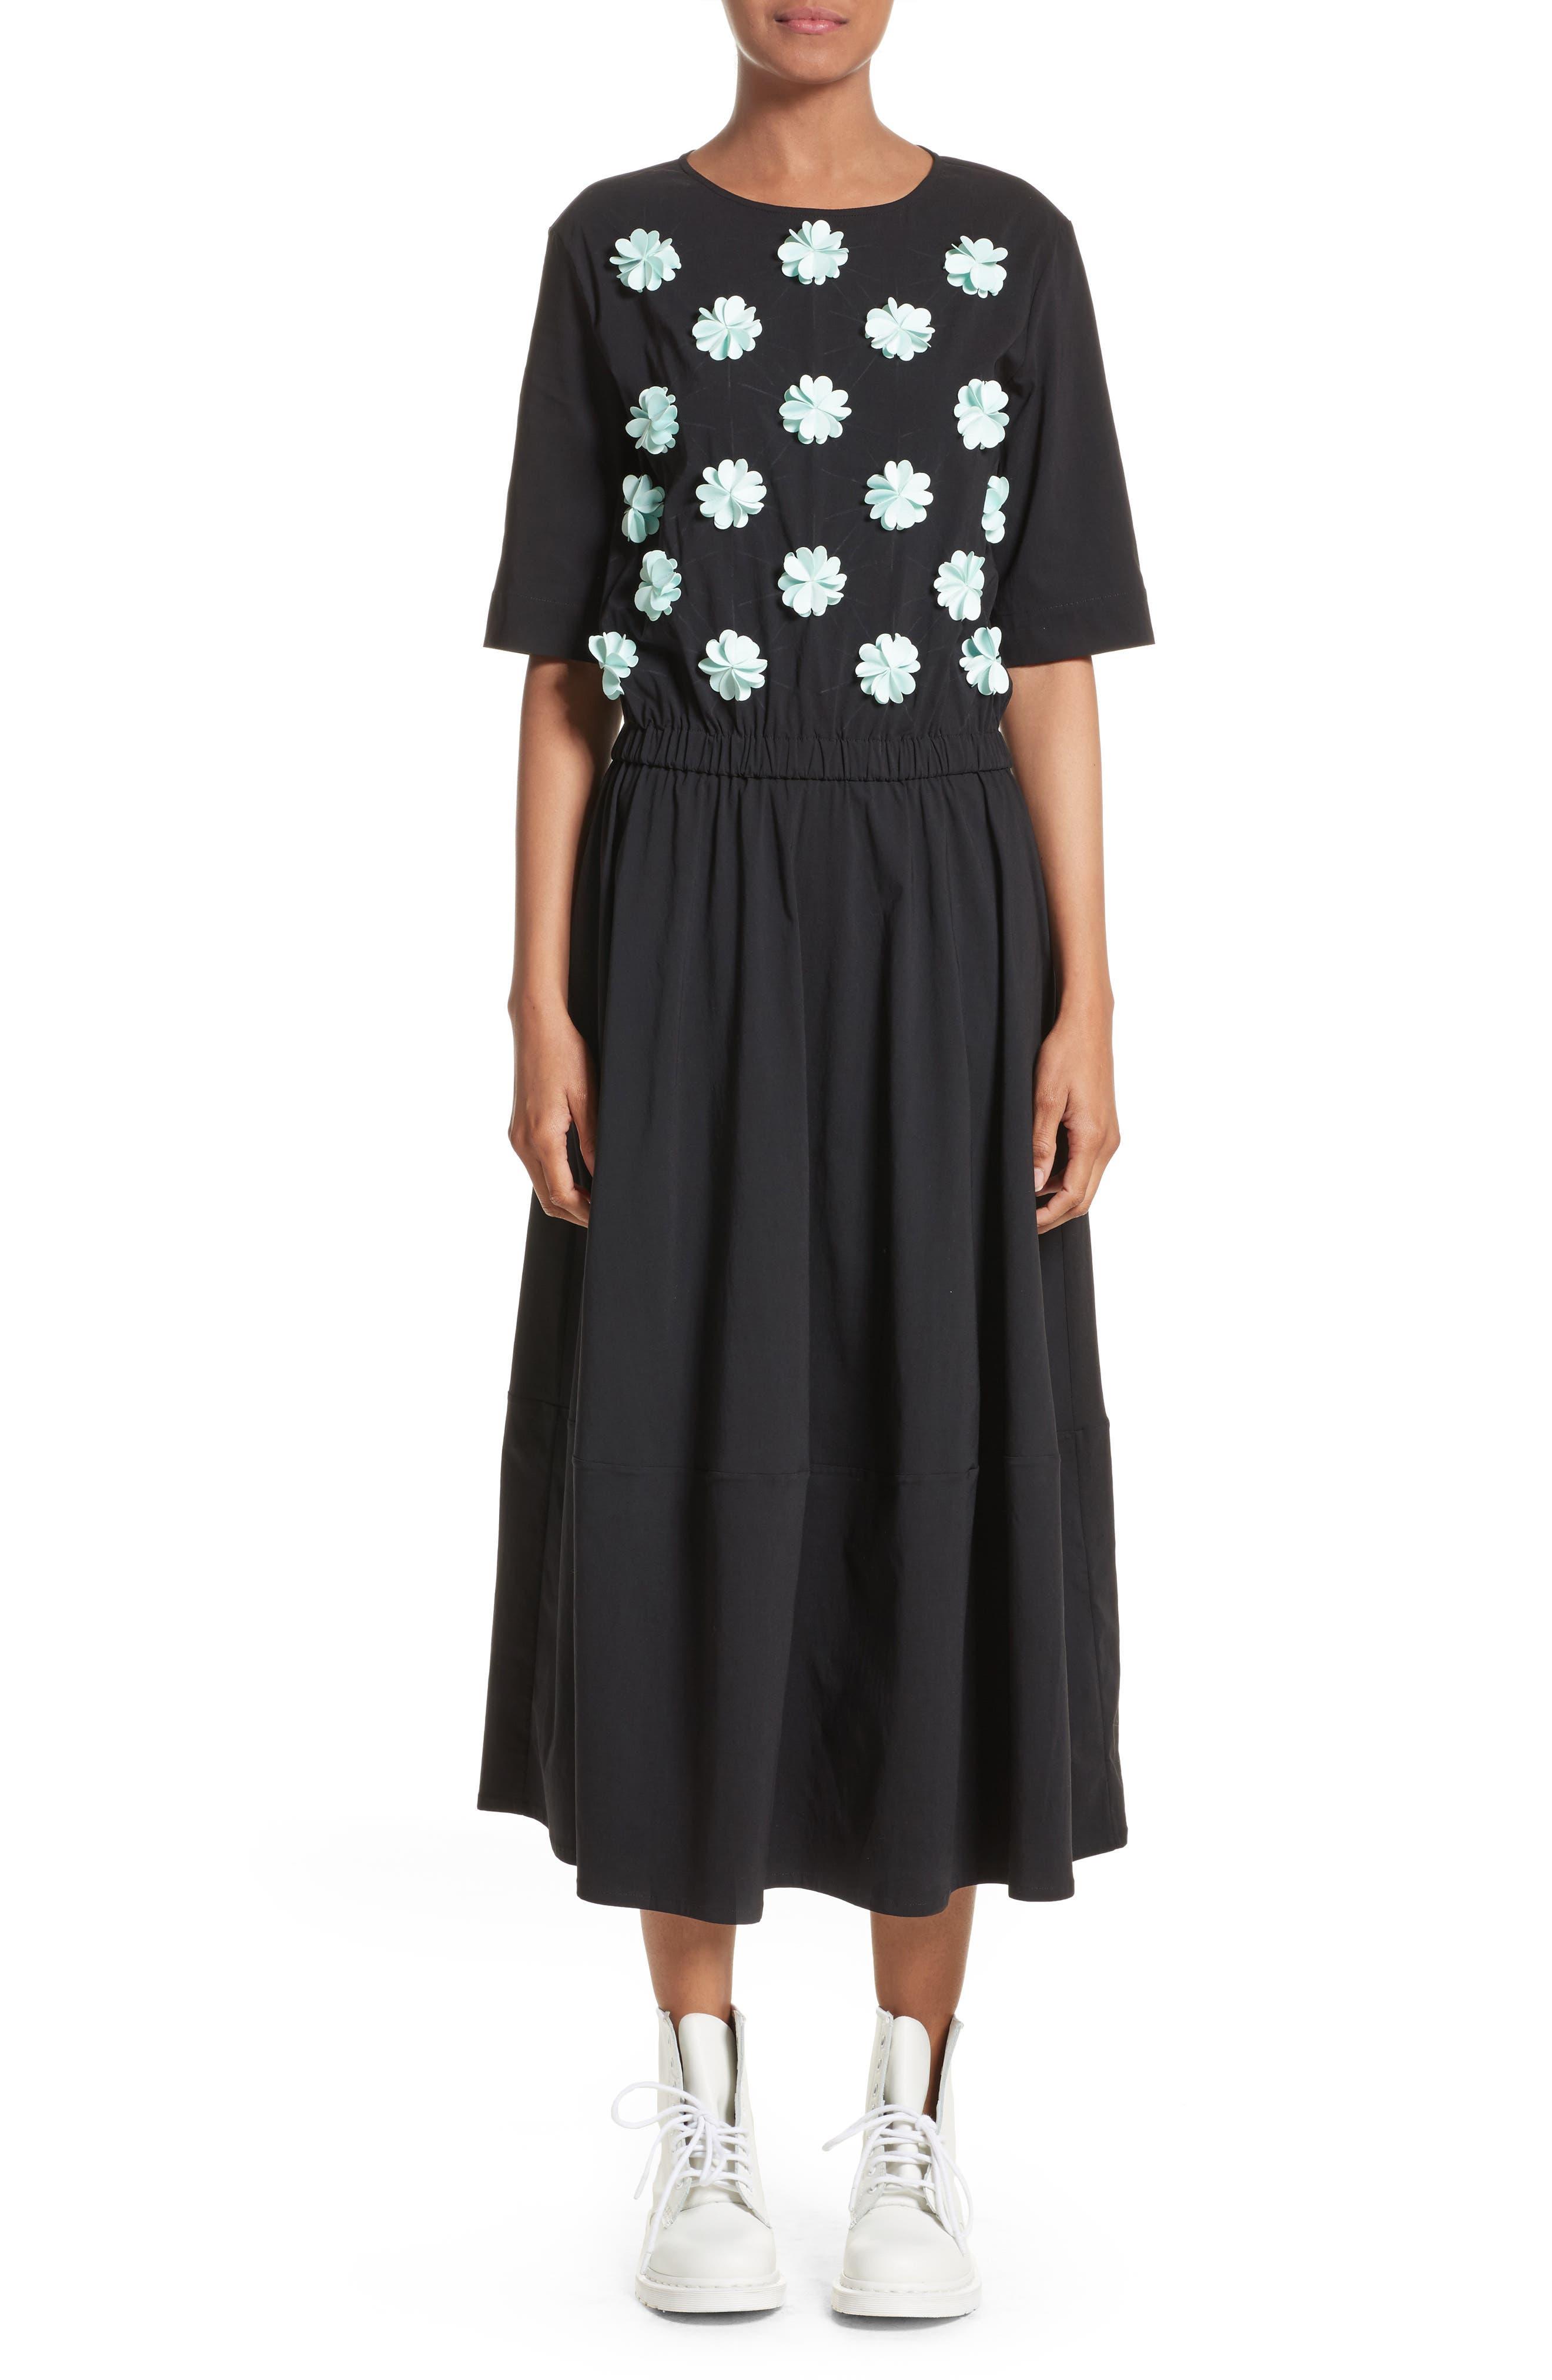 Floral Appliqué Dress,                         Main,                         color, Black/ Mint